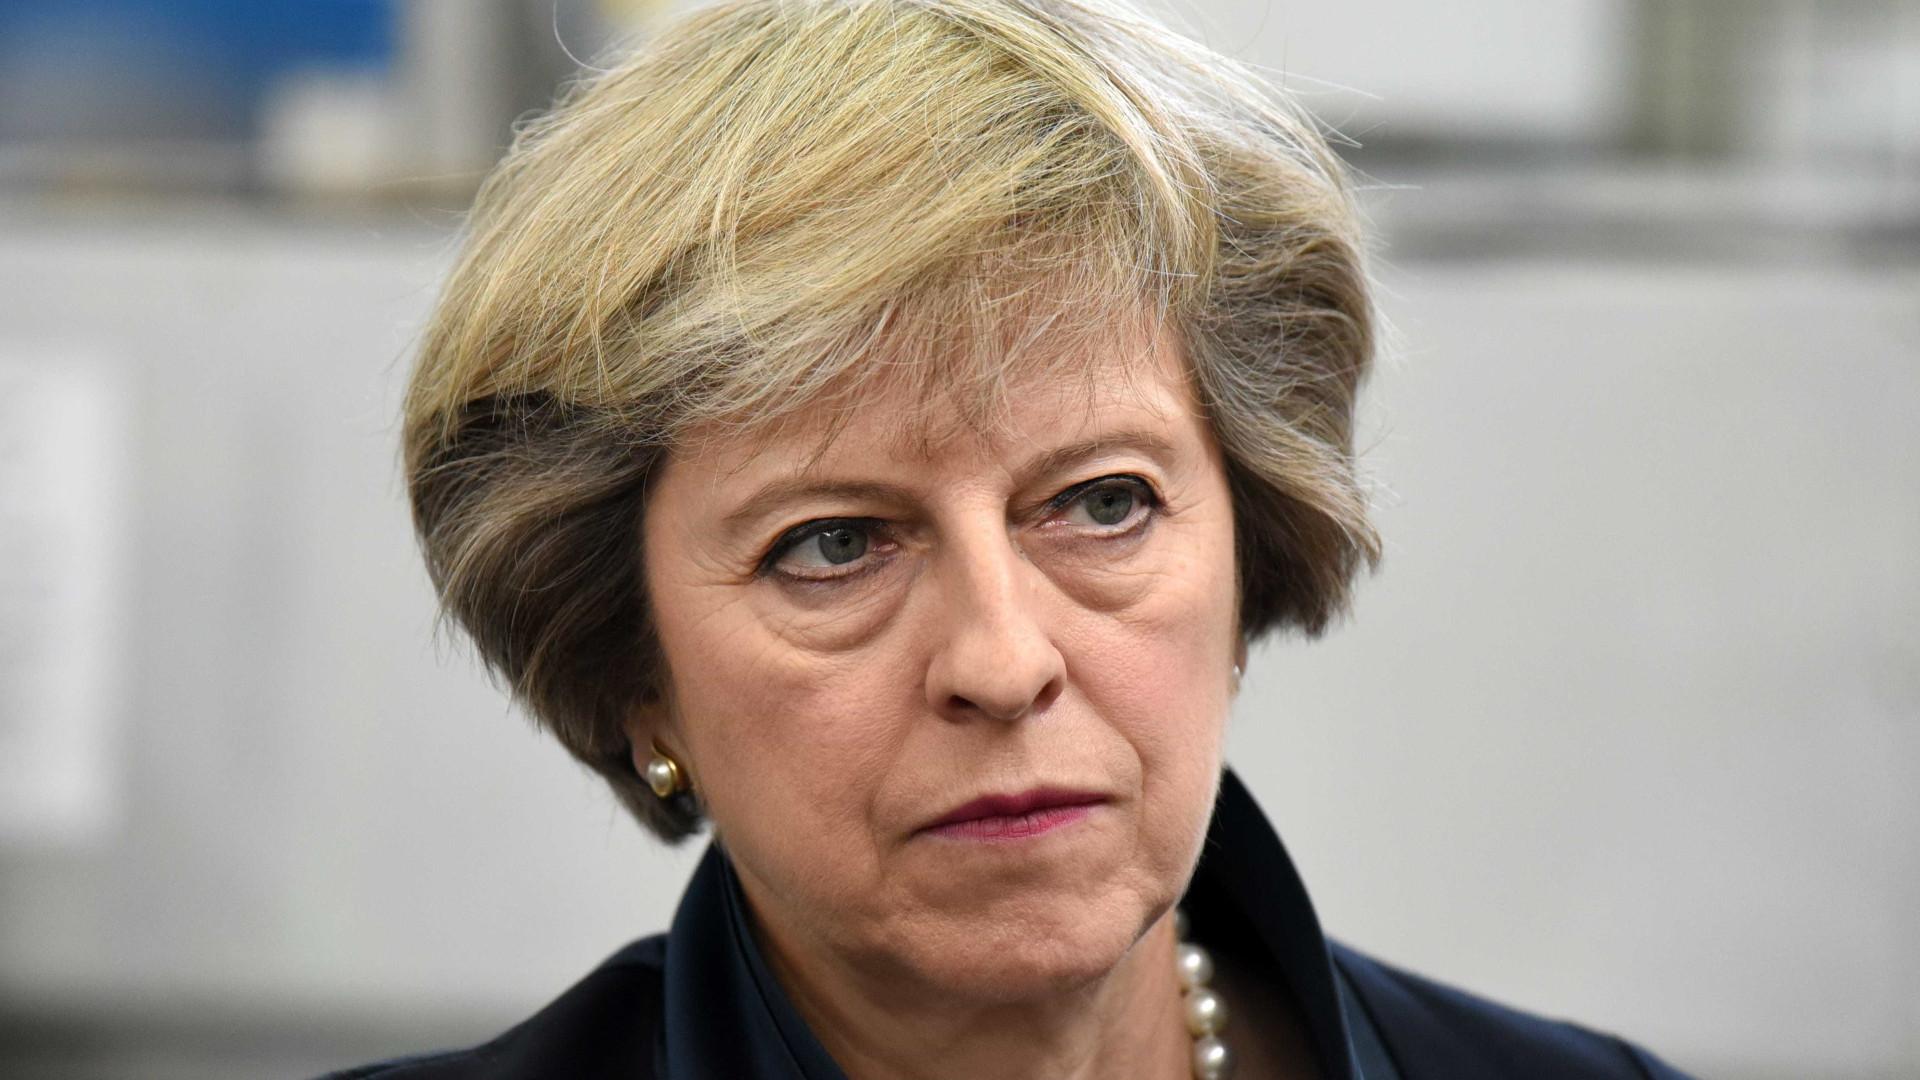 """Brexit: Cimeira europeia """"4 a 6 semanas"""" após notificação"""